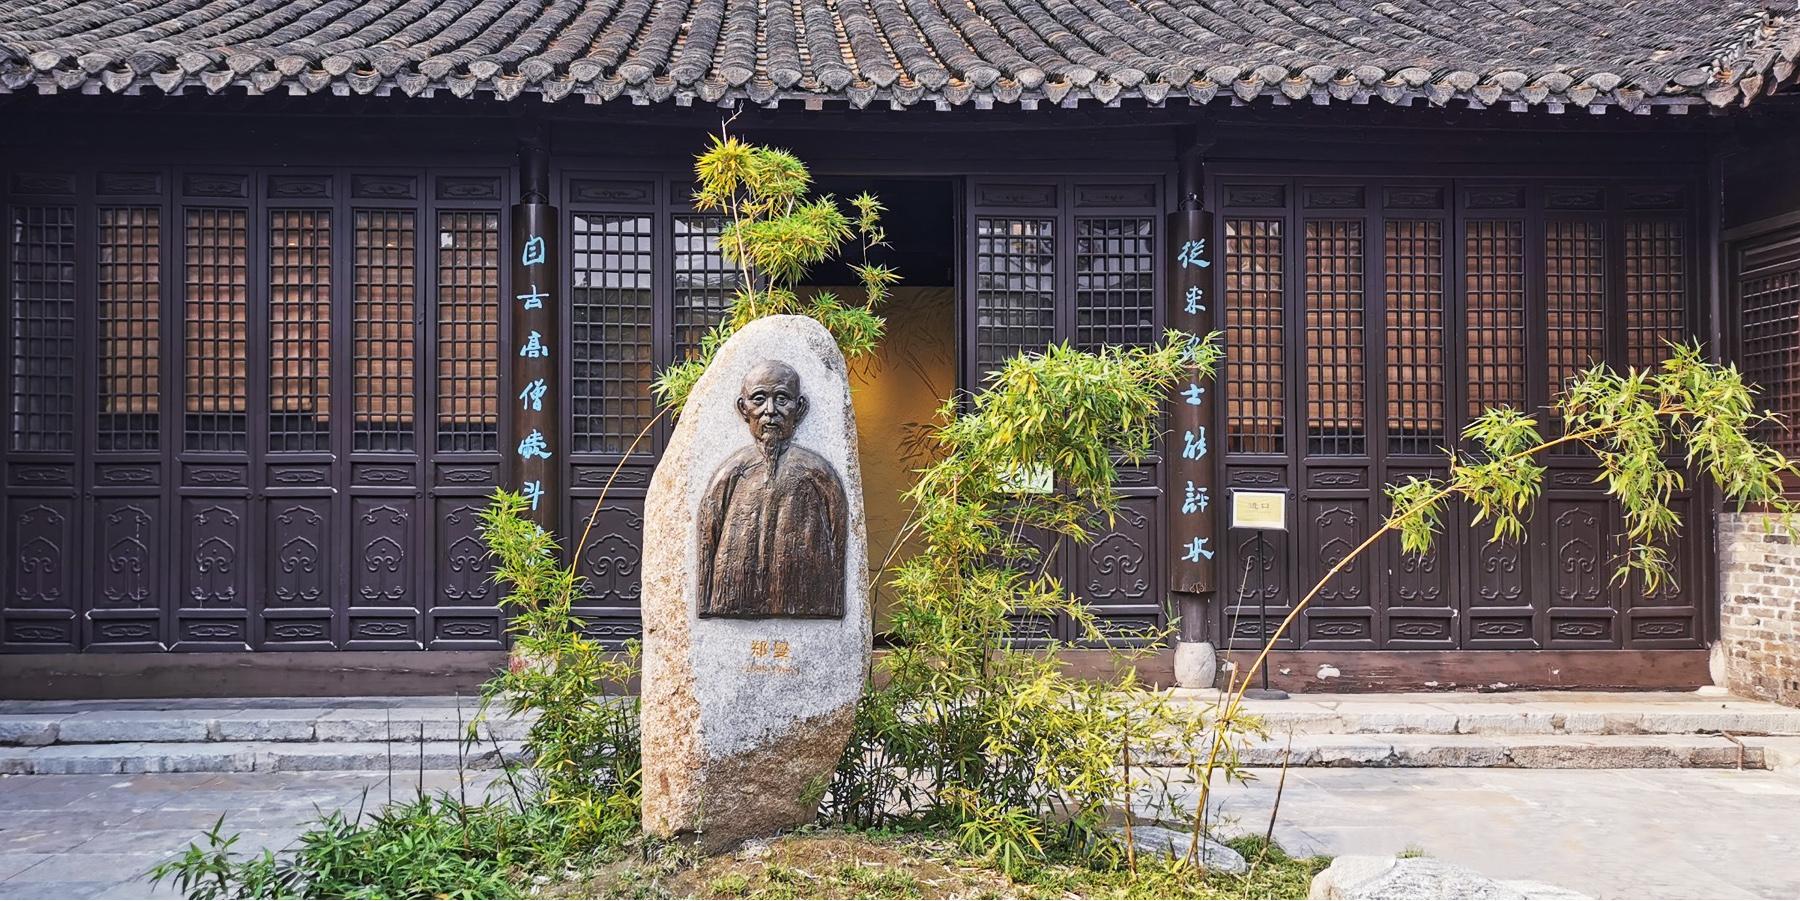 兴化市昭阳镇郑板桥纪念馆郑板桥石雕